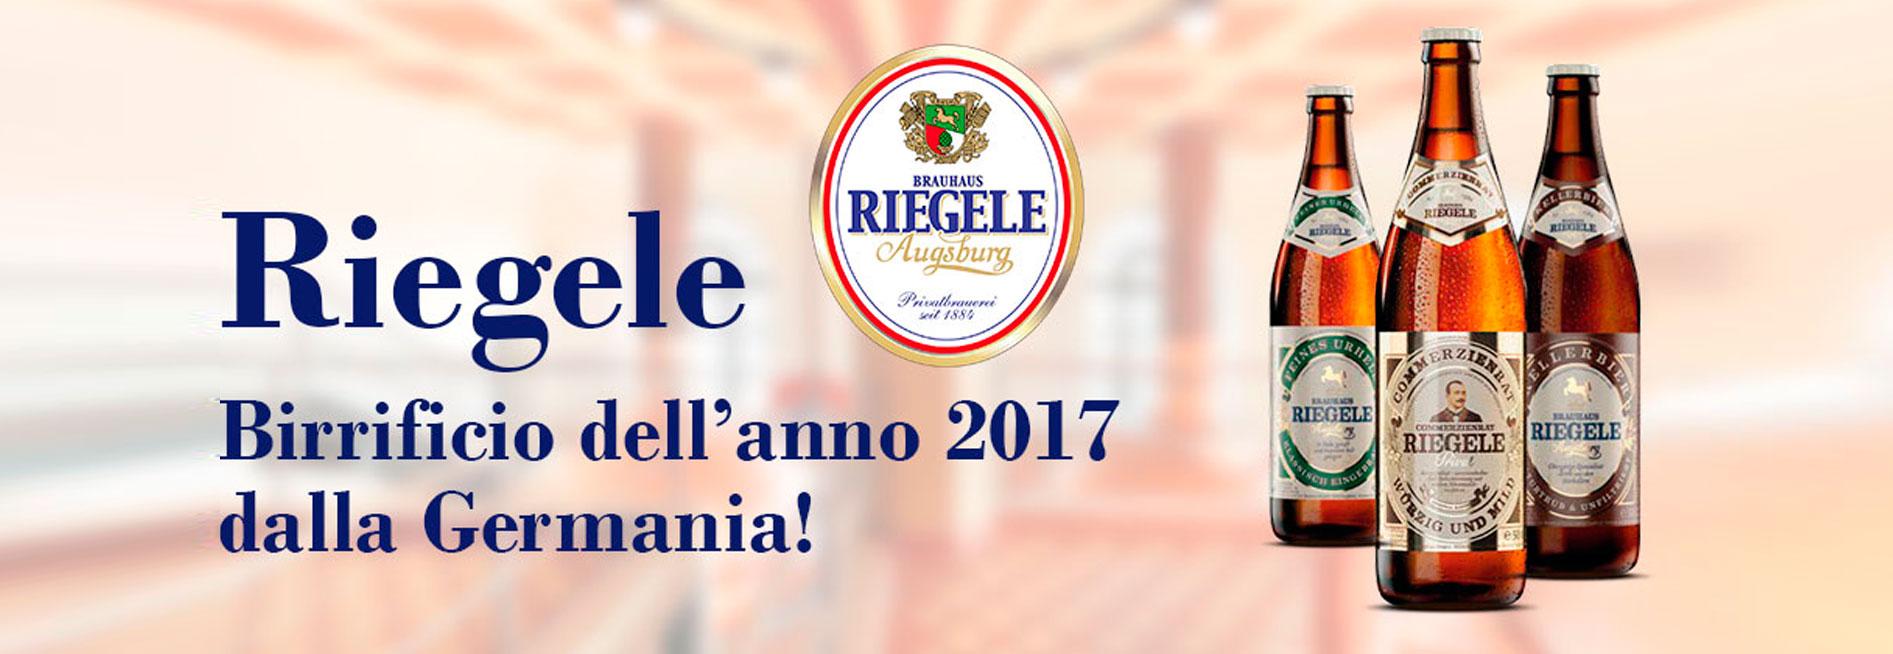 Premi e riconoscimenti per Riegele, già miglior birrificio 2017